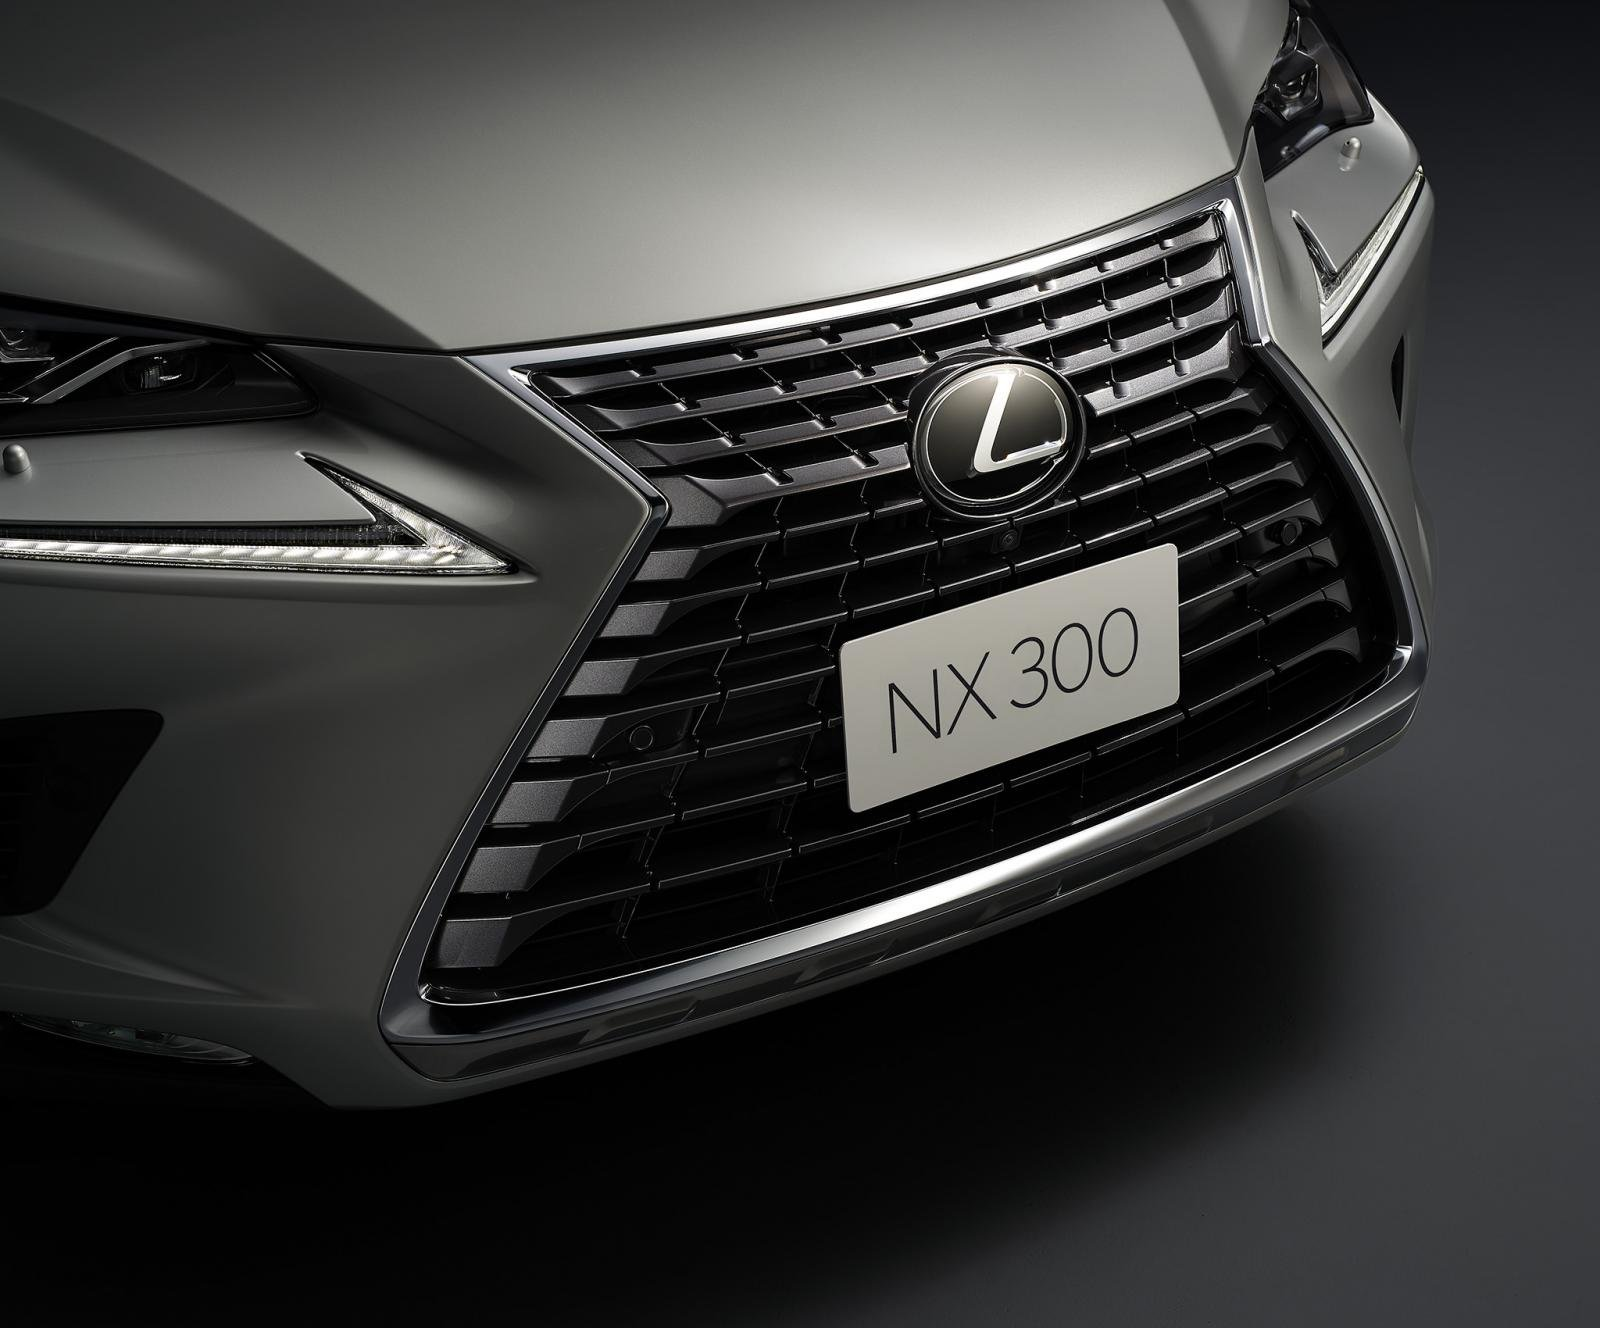 Thông số kỹ thuật xe Lexus NX 300 2020